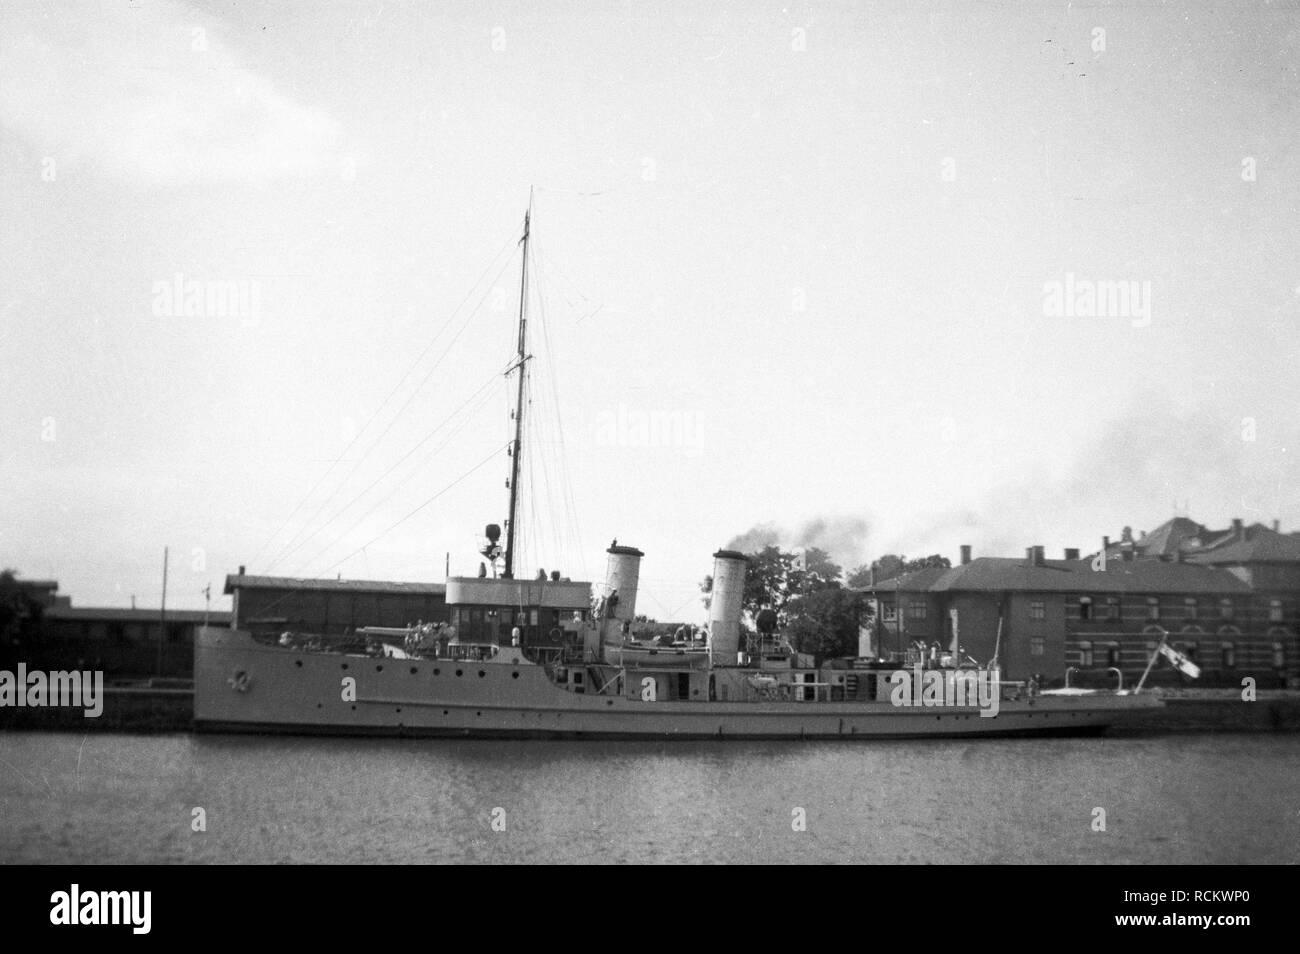 Deutsches Reich Reichsmarine Artillerieschulschiff DRACHE/Deutsches Reich Kaiserliche Marine Artillerie Schulschiff DRACHE Stockbild